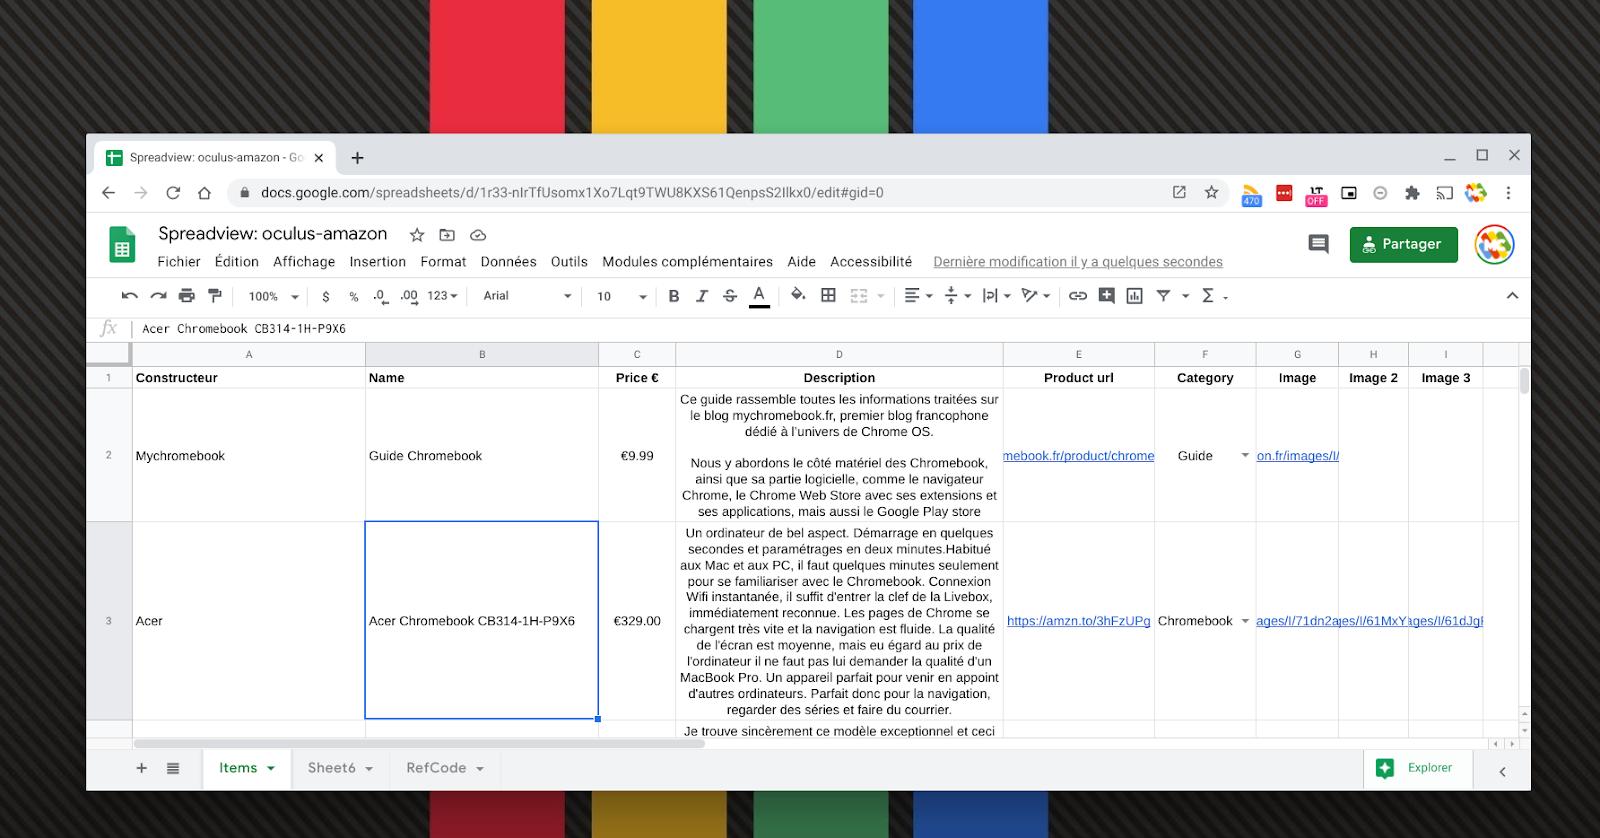 Créer une boutique en ligne en 5 minutes avec un Chromebook